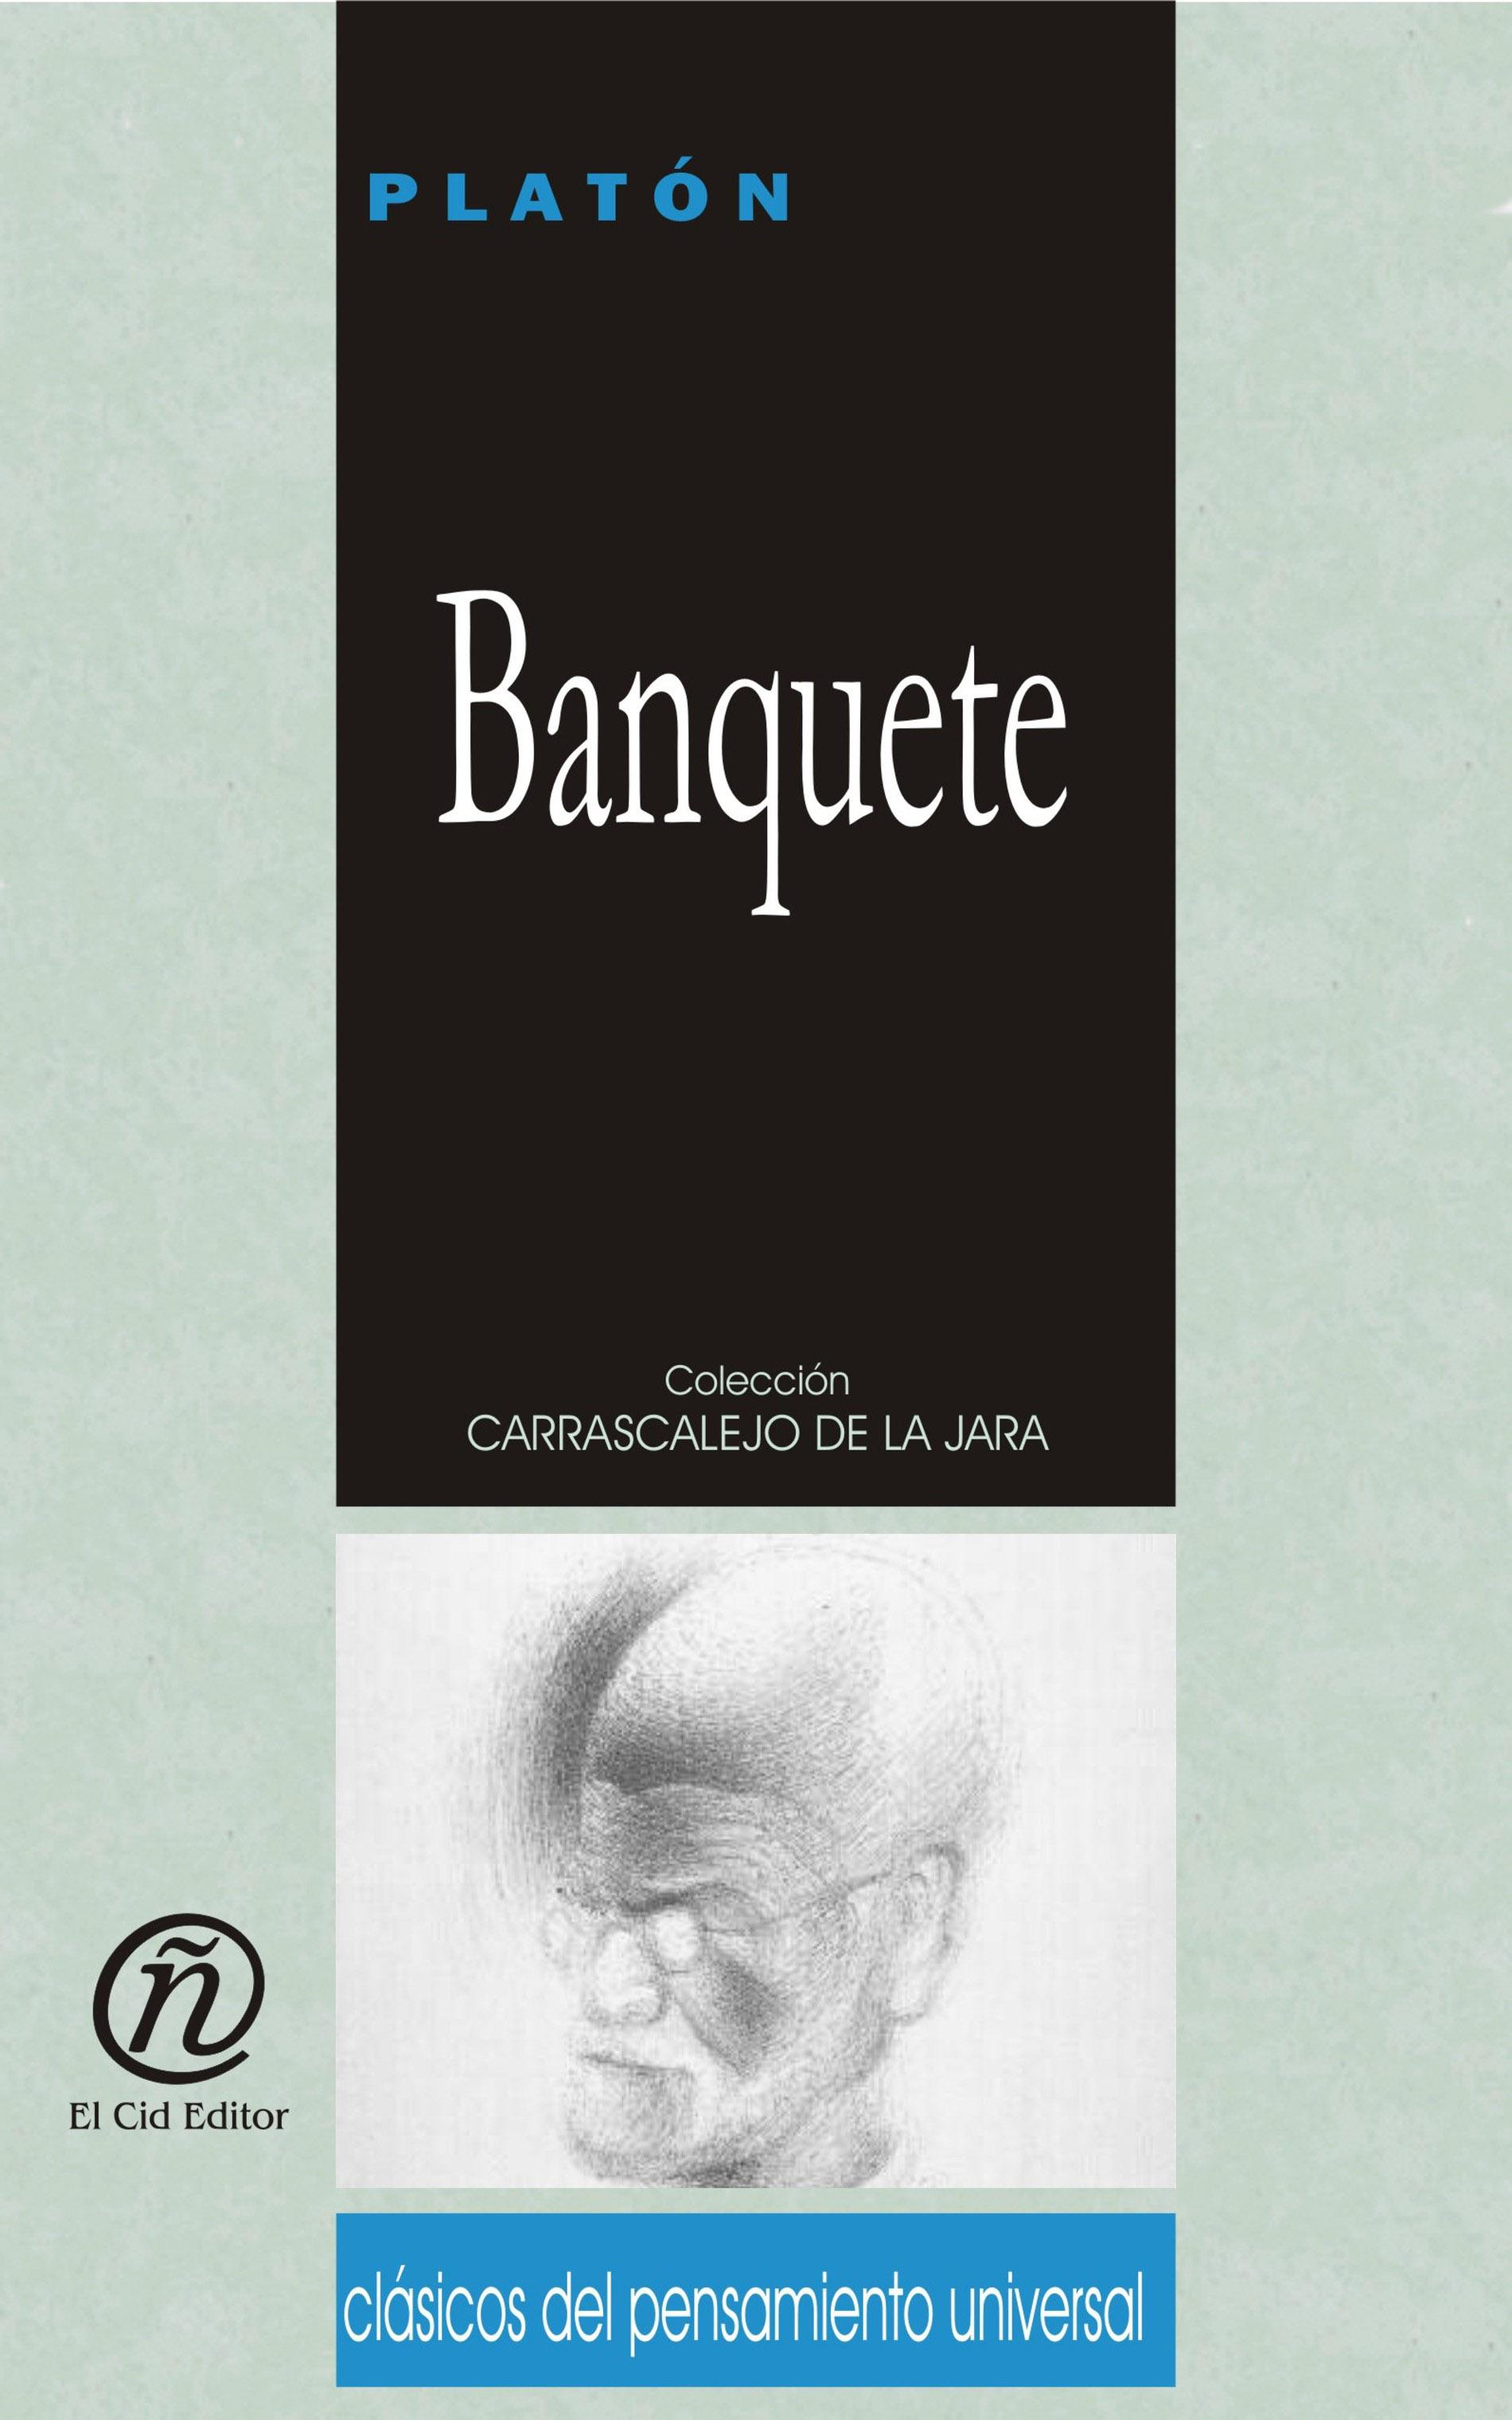 Banquete: Colecci?n de Cl?sicos del Pensamiento Universal